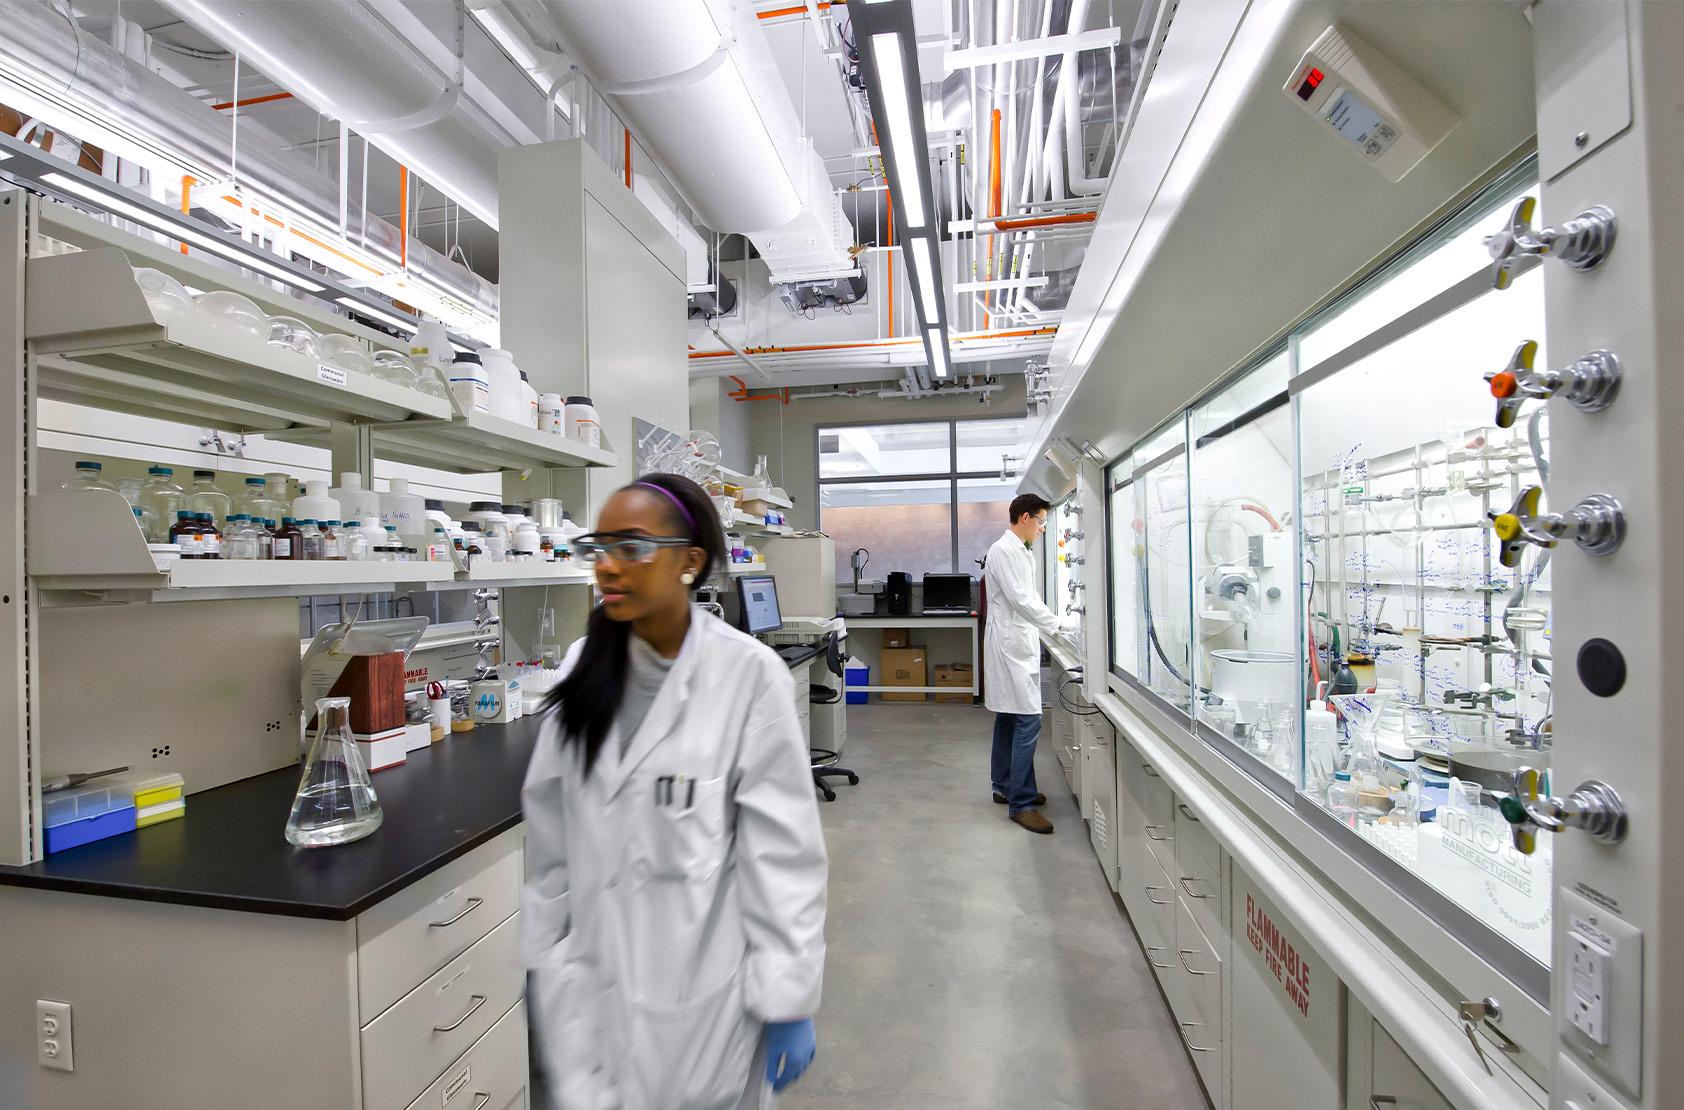 University of Alberta - Centennial Centre for Interdisciplinary Science